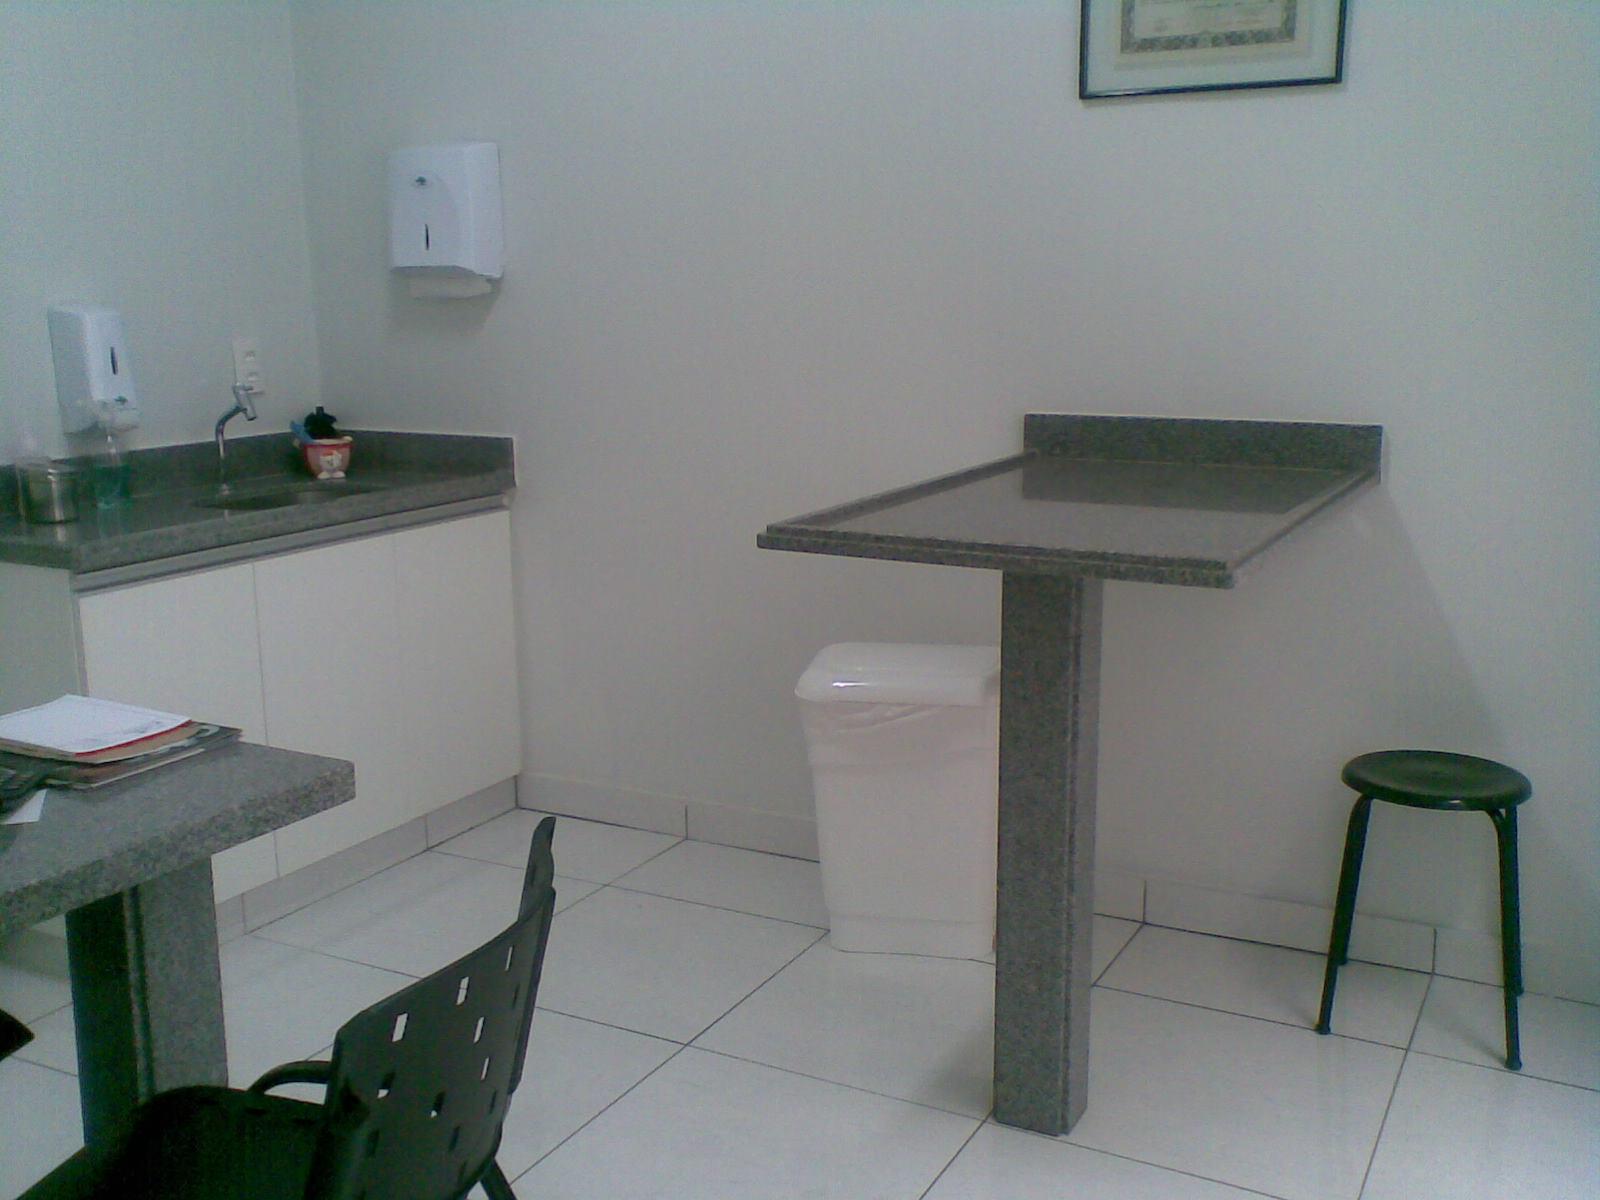 especializados com macas em granito de fácil higienização #445059 1600 1200